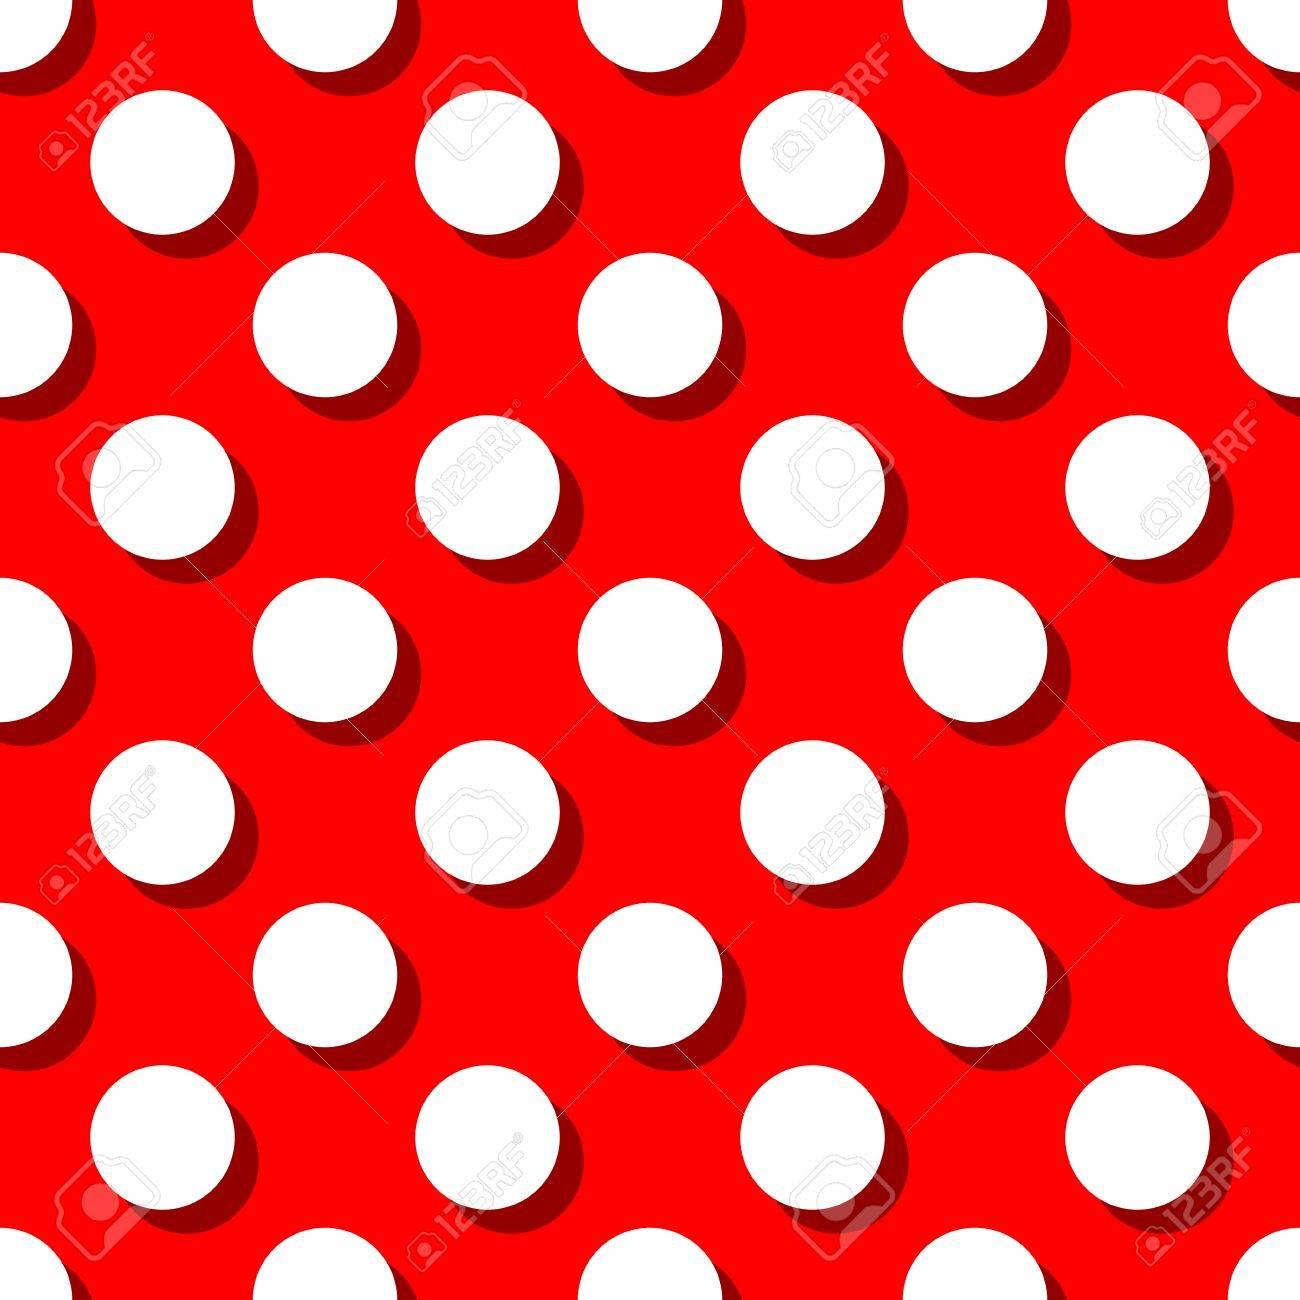 装飾壁紙の赤の背景に大きな白の水玉模様のレトロなパターンのイラスト素材 ベクタ Image